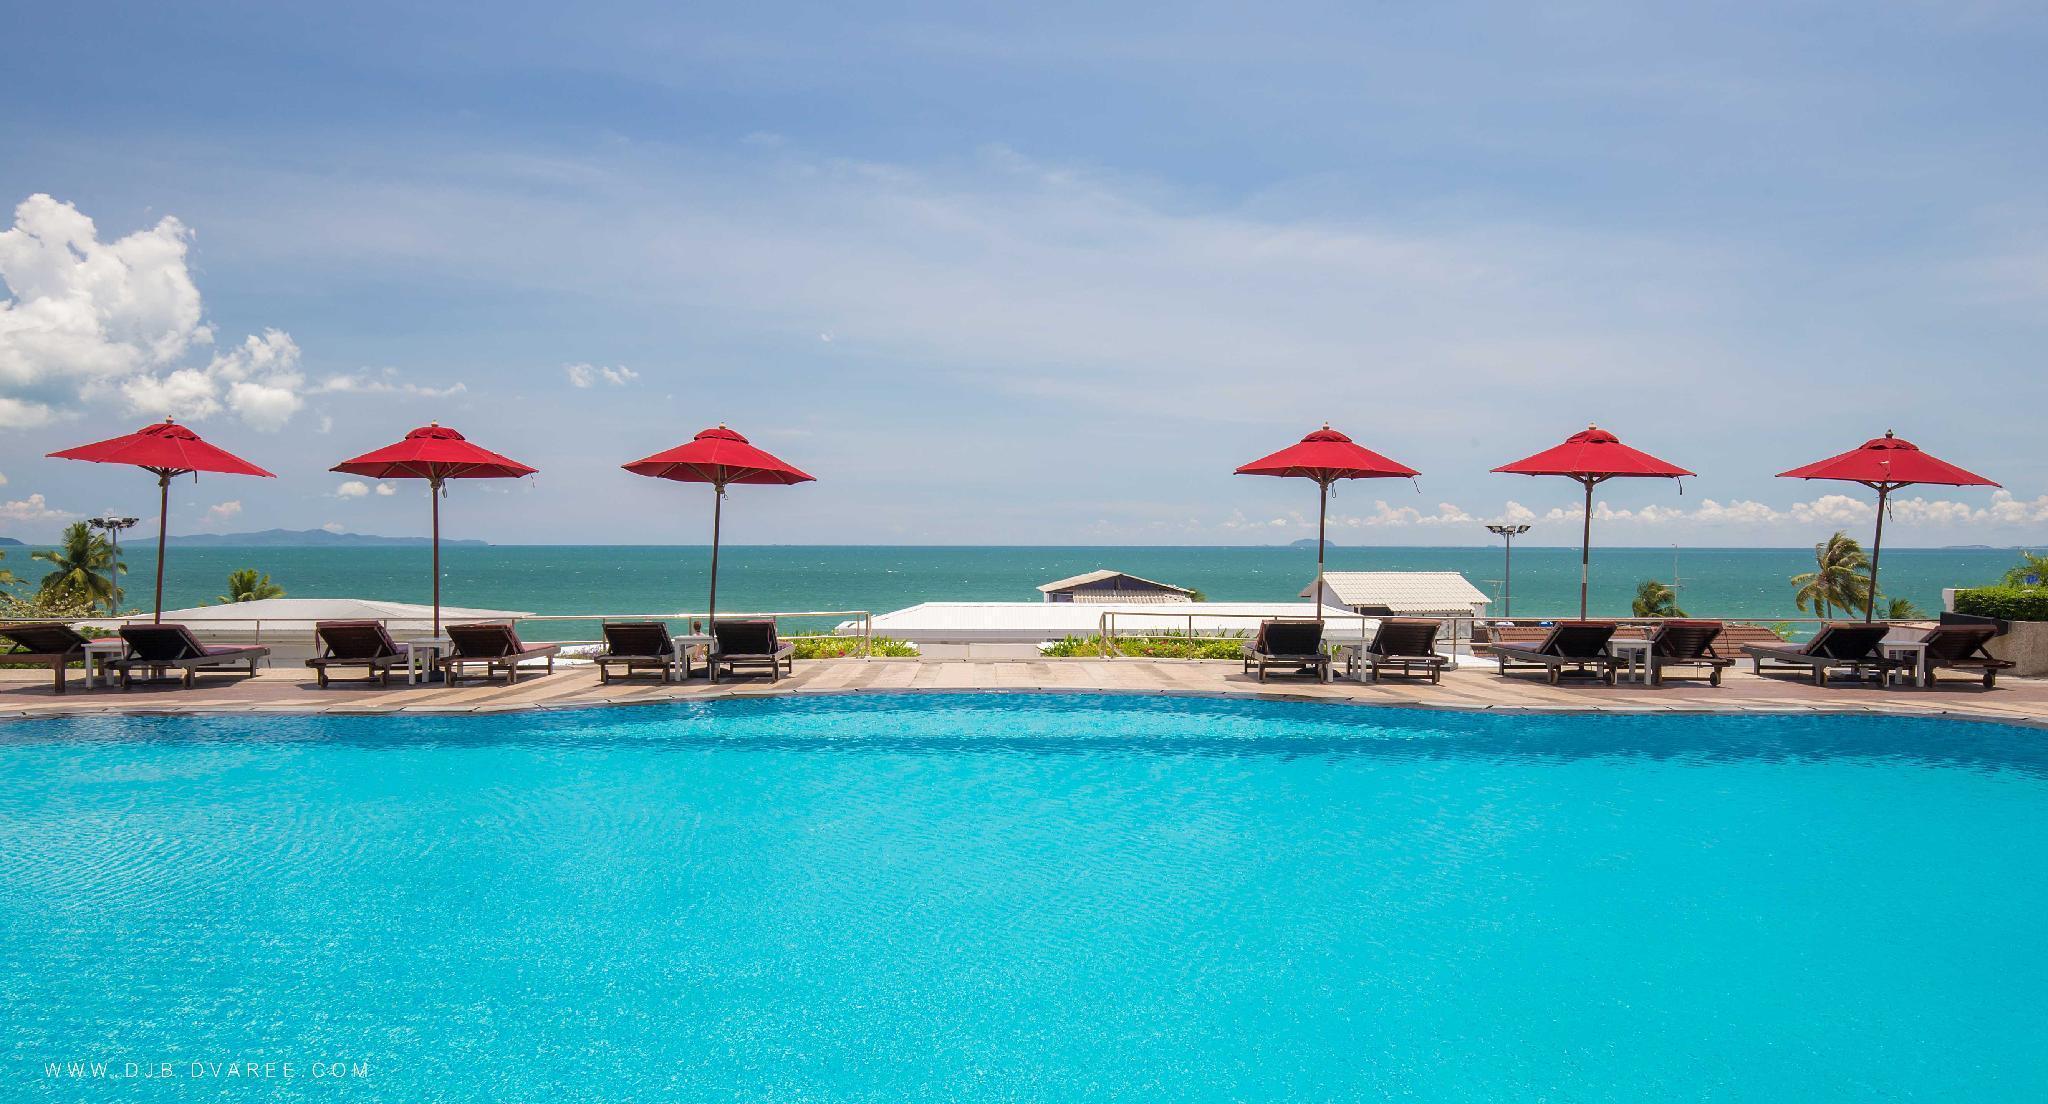 Atlantis Condo Resort  by Siri แอตแลนติส คอนโด รีสอร์ท พัทยา บาย สิริ 2 ห้องนอน สามารถเข้าใช้สระว่ายน้ำได้